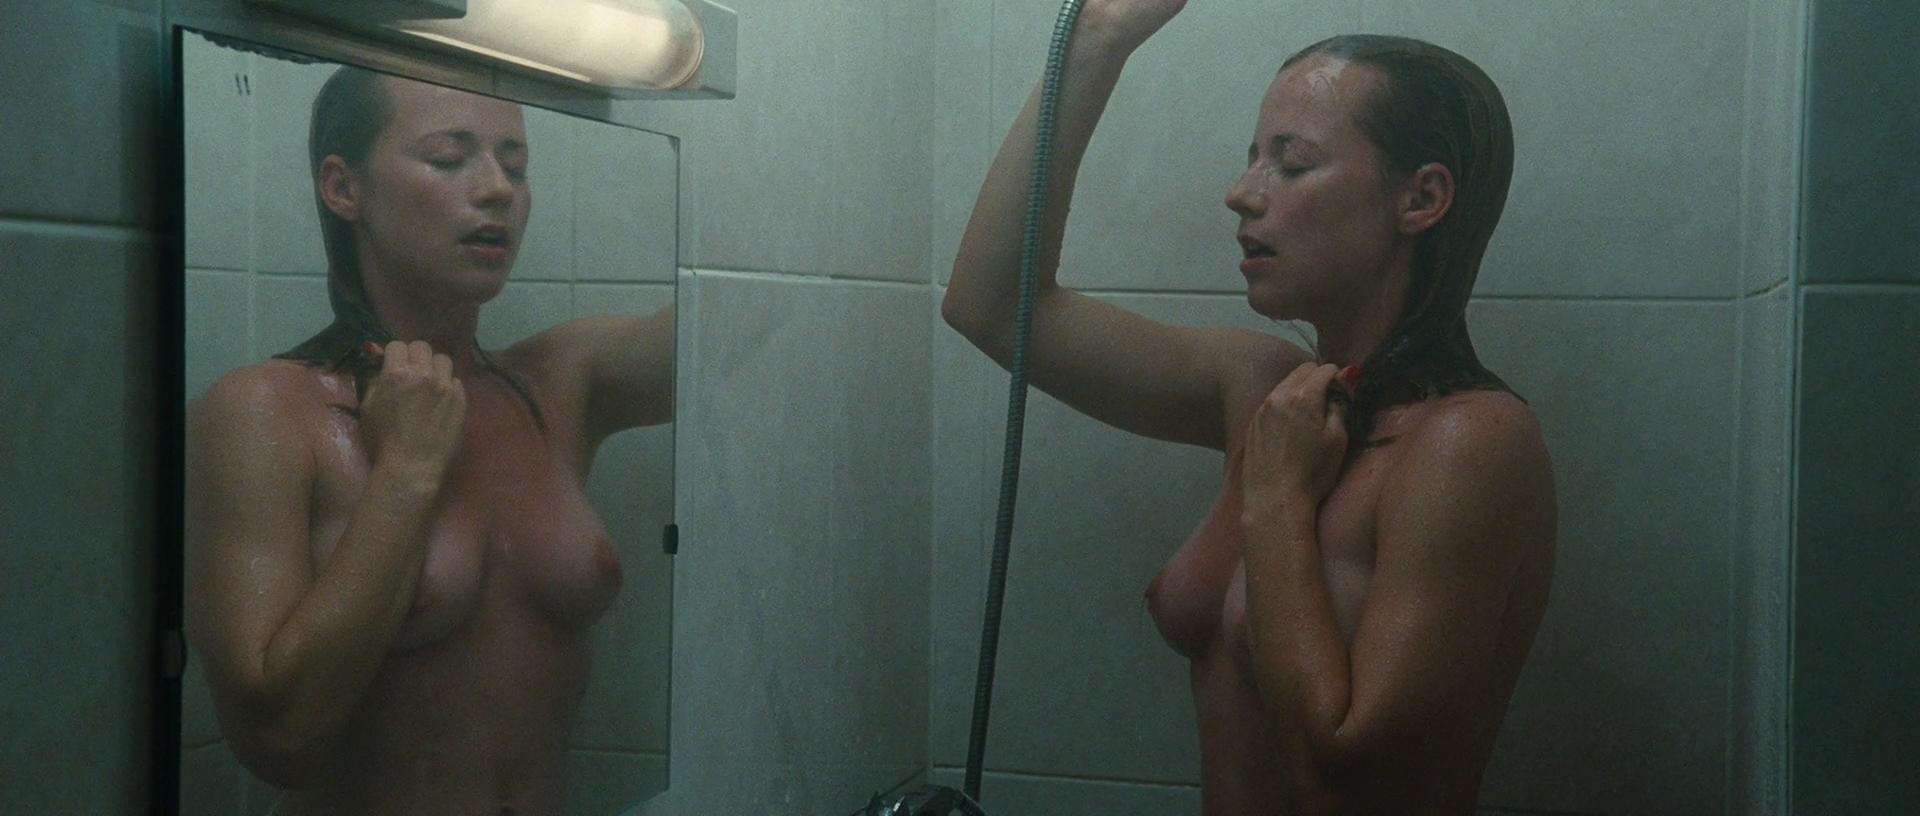 Karine Nude 92